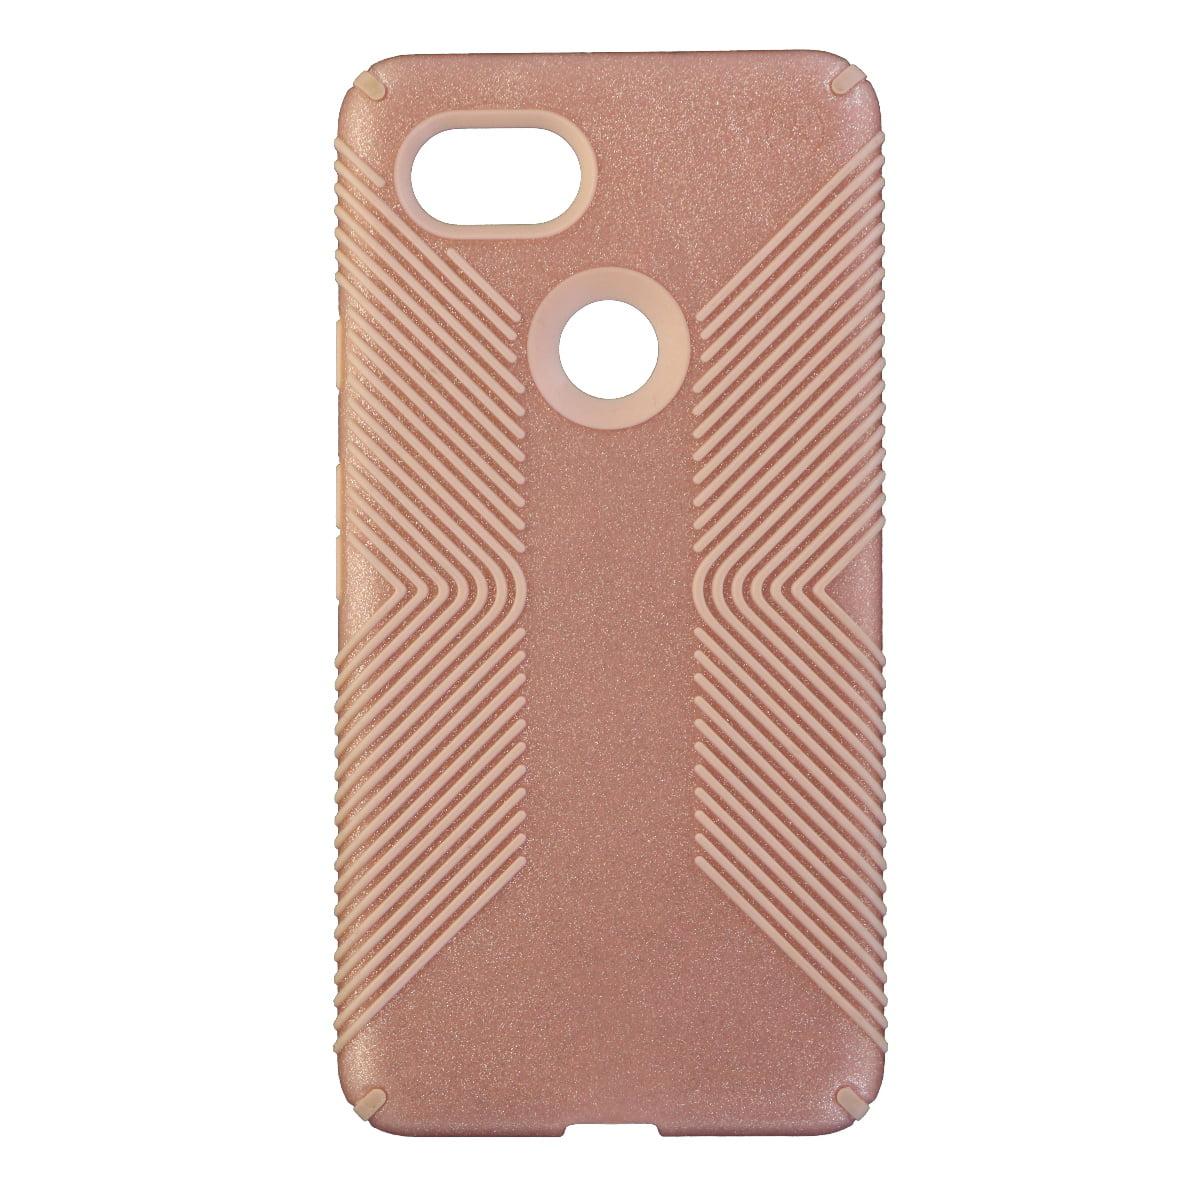 meet da5ef 3a70d Speck Presidio Grip Glitter Series Case for Google Pixel 2 XL - Pink/Glitter